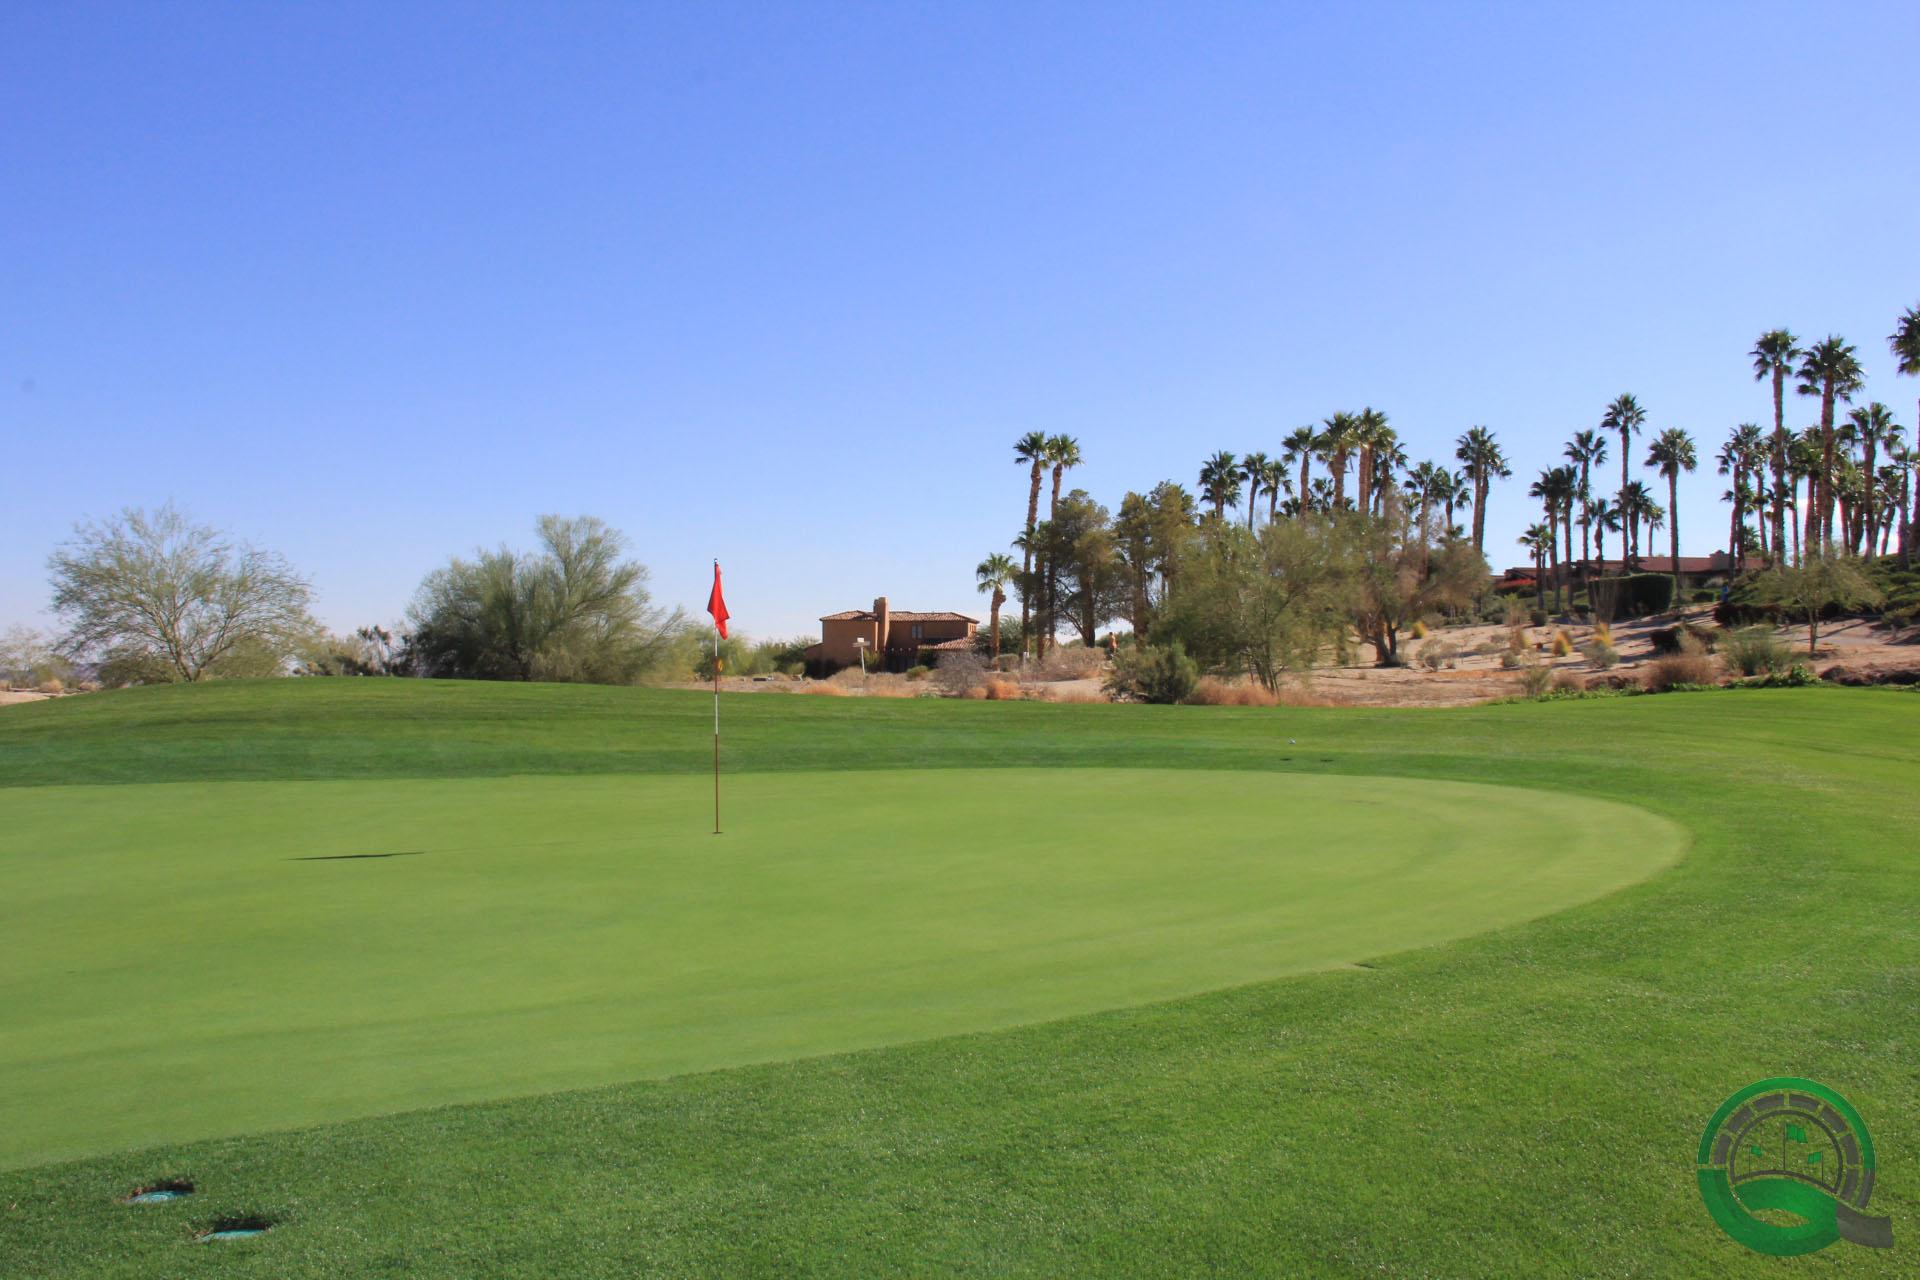 Rams Hill Golf Club Hole 1 Green